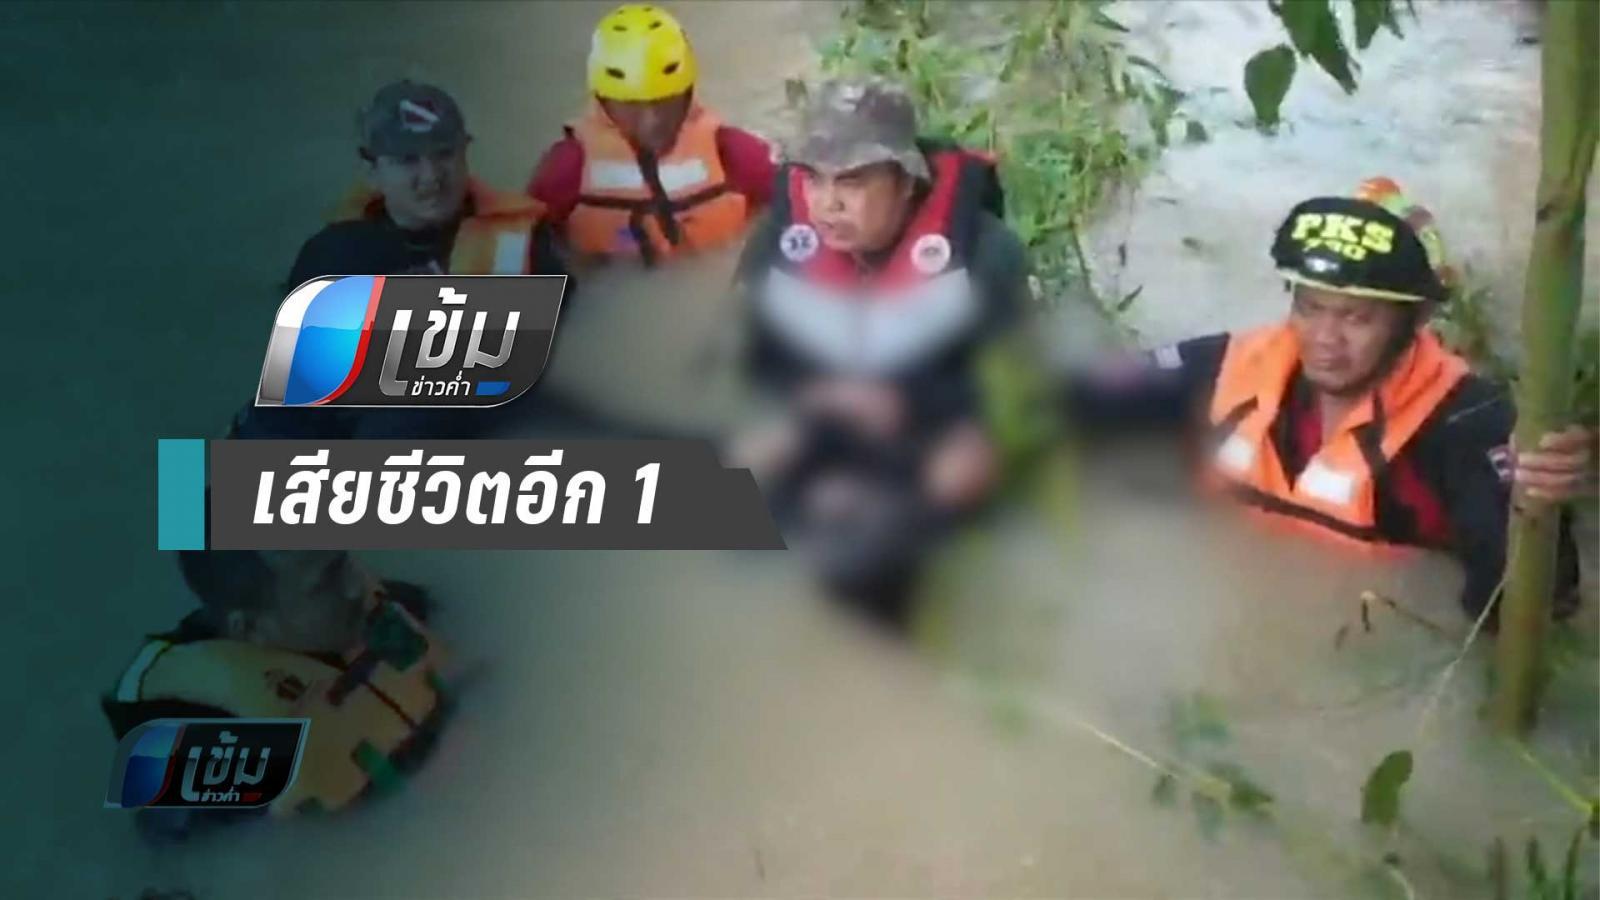 ชาวบ้านร้อยเอ็ด ถูกน้ำพัดดับ 1 - อุตุฯ คาดอีก 2 วัน ฝนลด